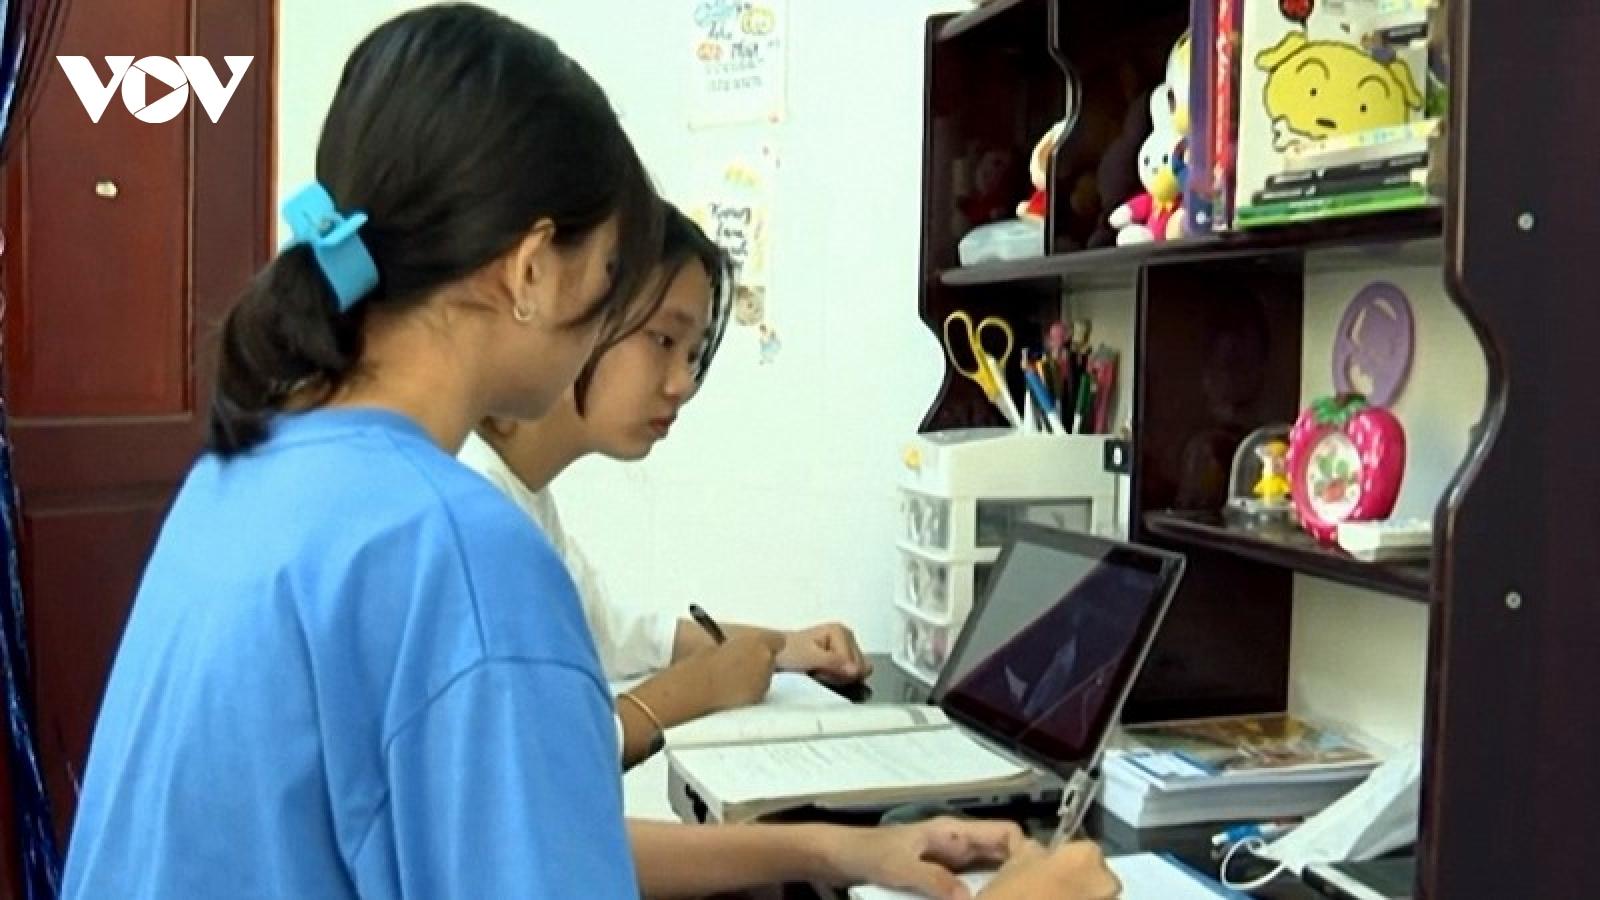 Học trực tuyến ở Trà Vinh gặp nhiều khó khăn vì học sinh thiếu thiết bị